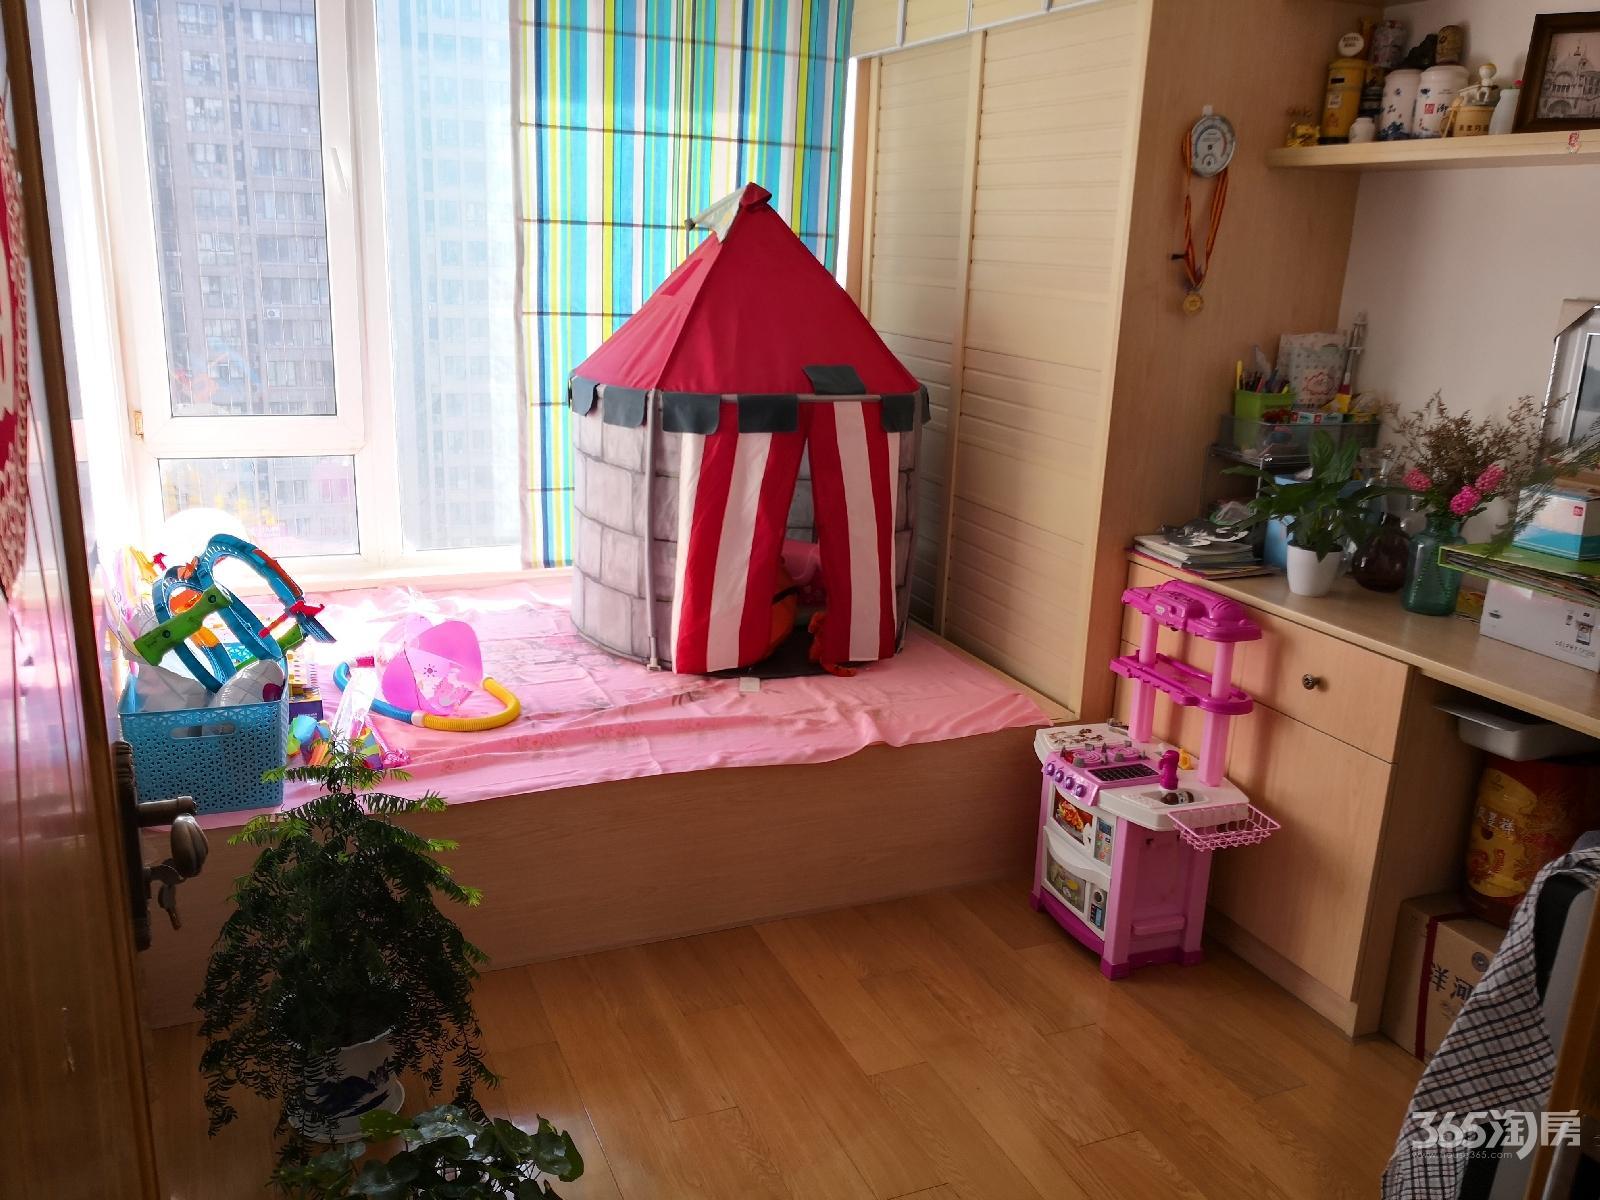 金地自在城第六街区4室2厅2卫141平方产权房精装